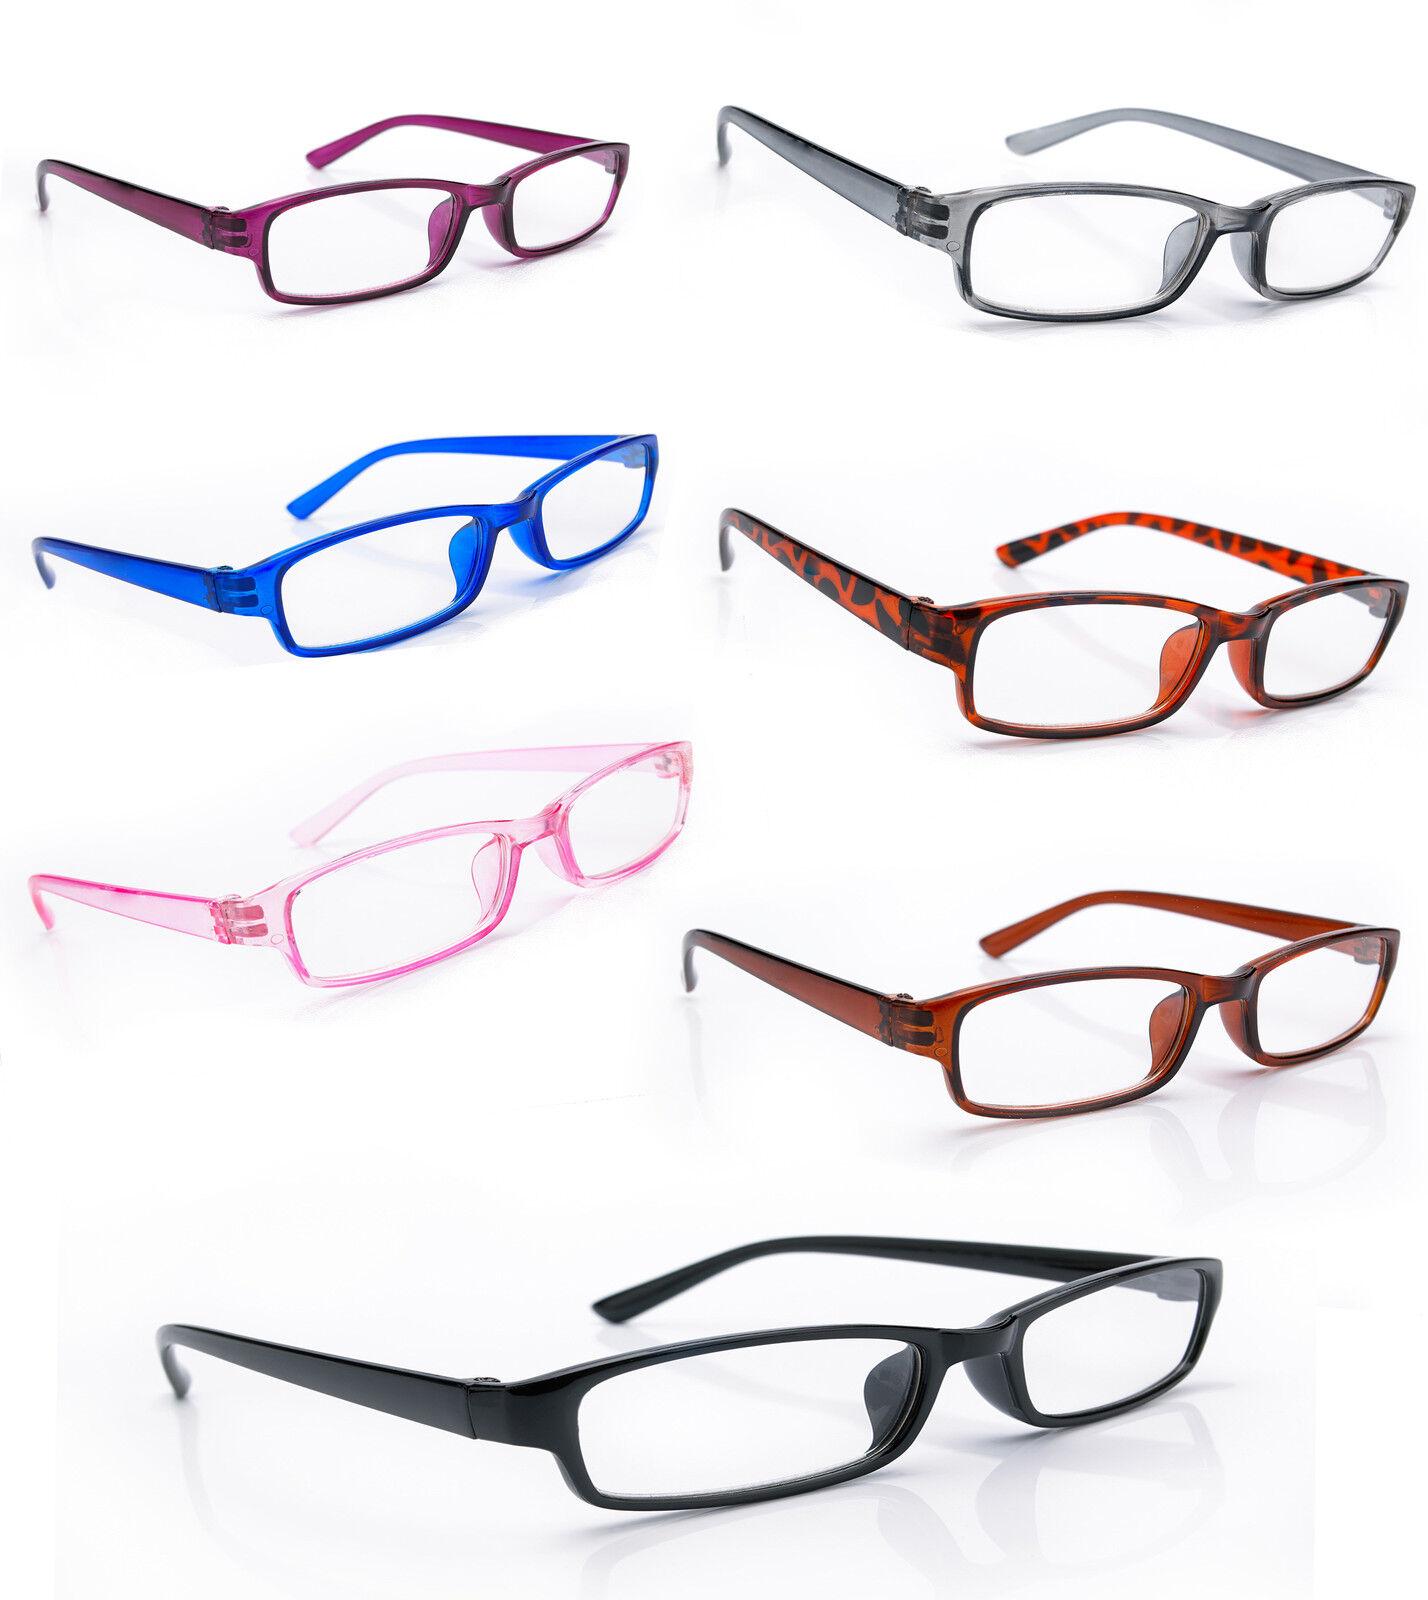 Damen Herren LESEBRILLE +0.5 +1.0 +2.0 +3.0 +4.0. Retro Brille